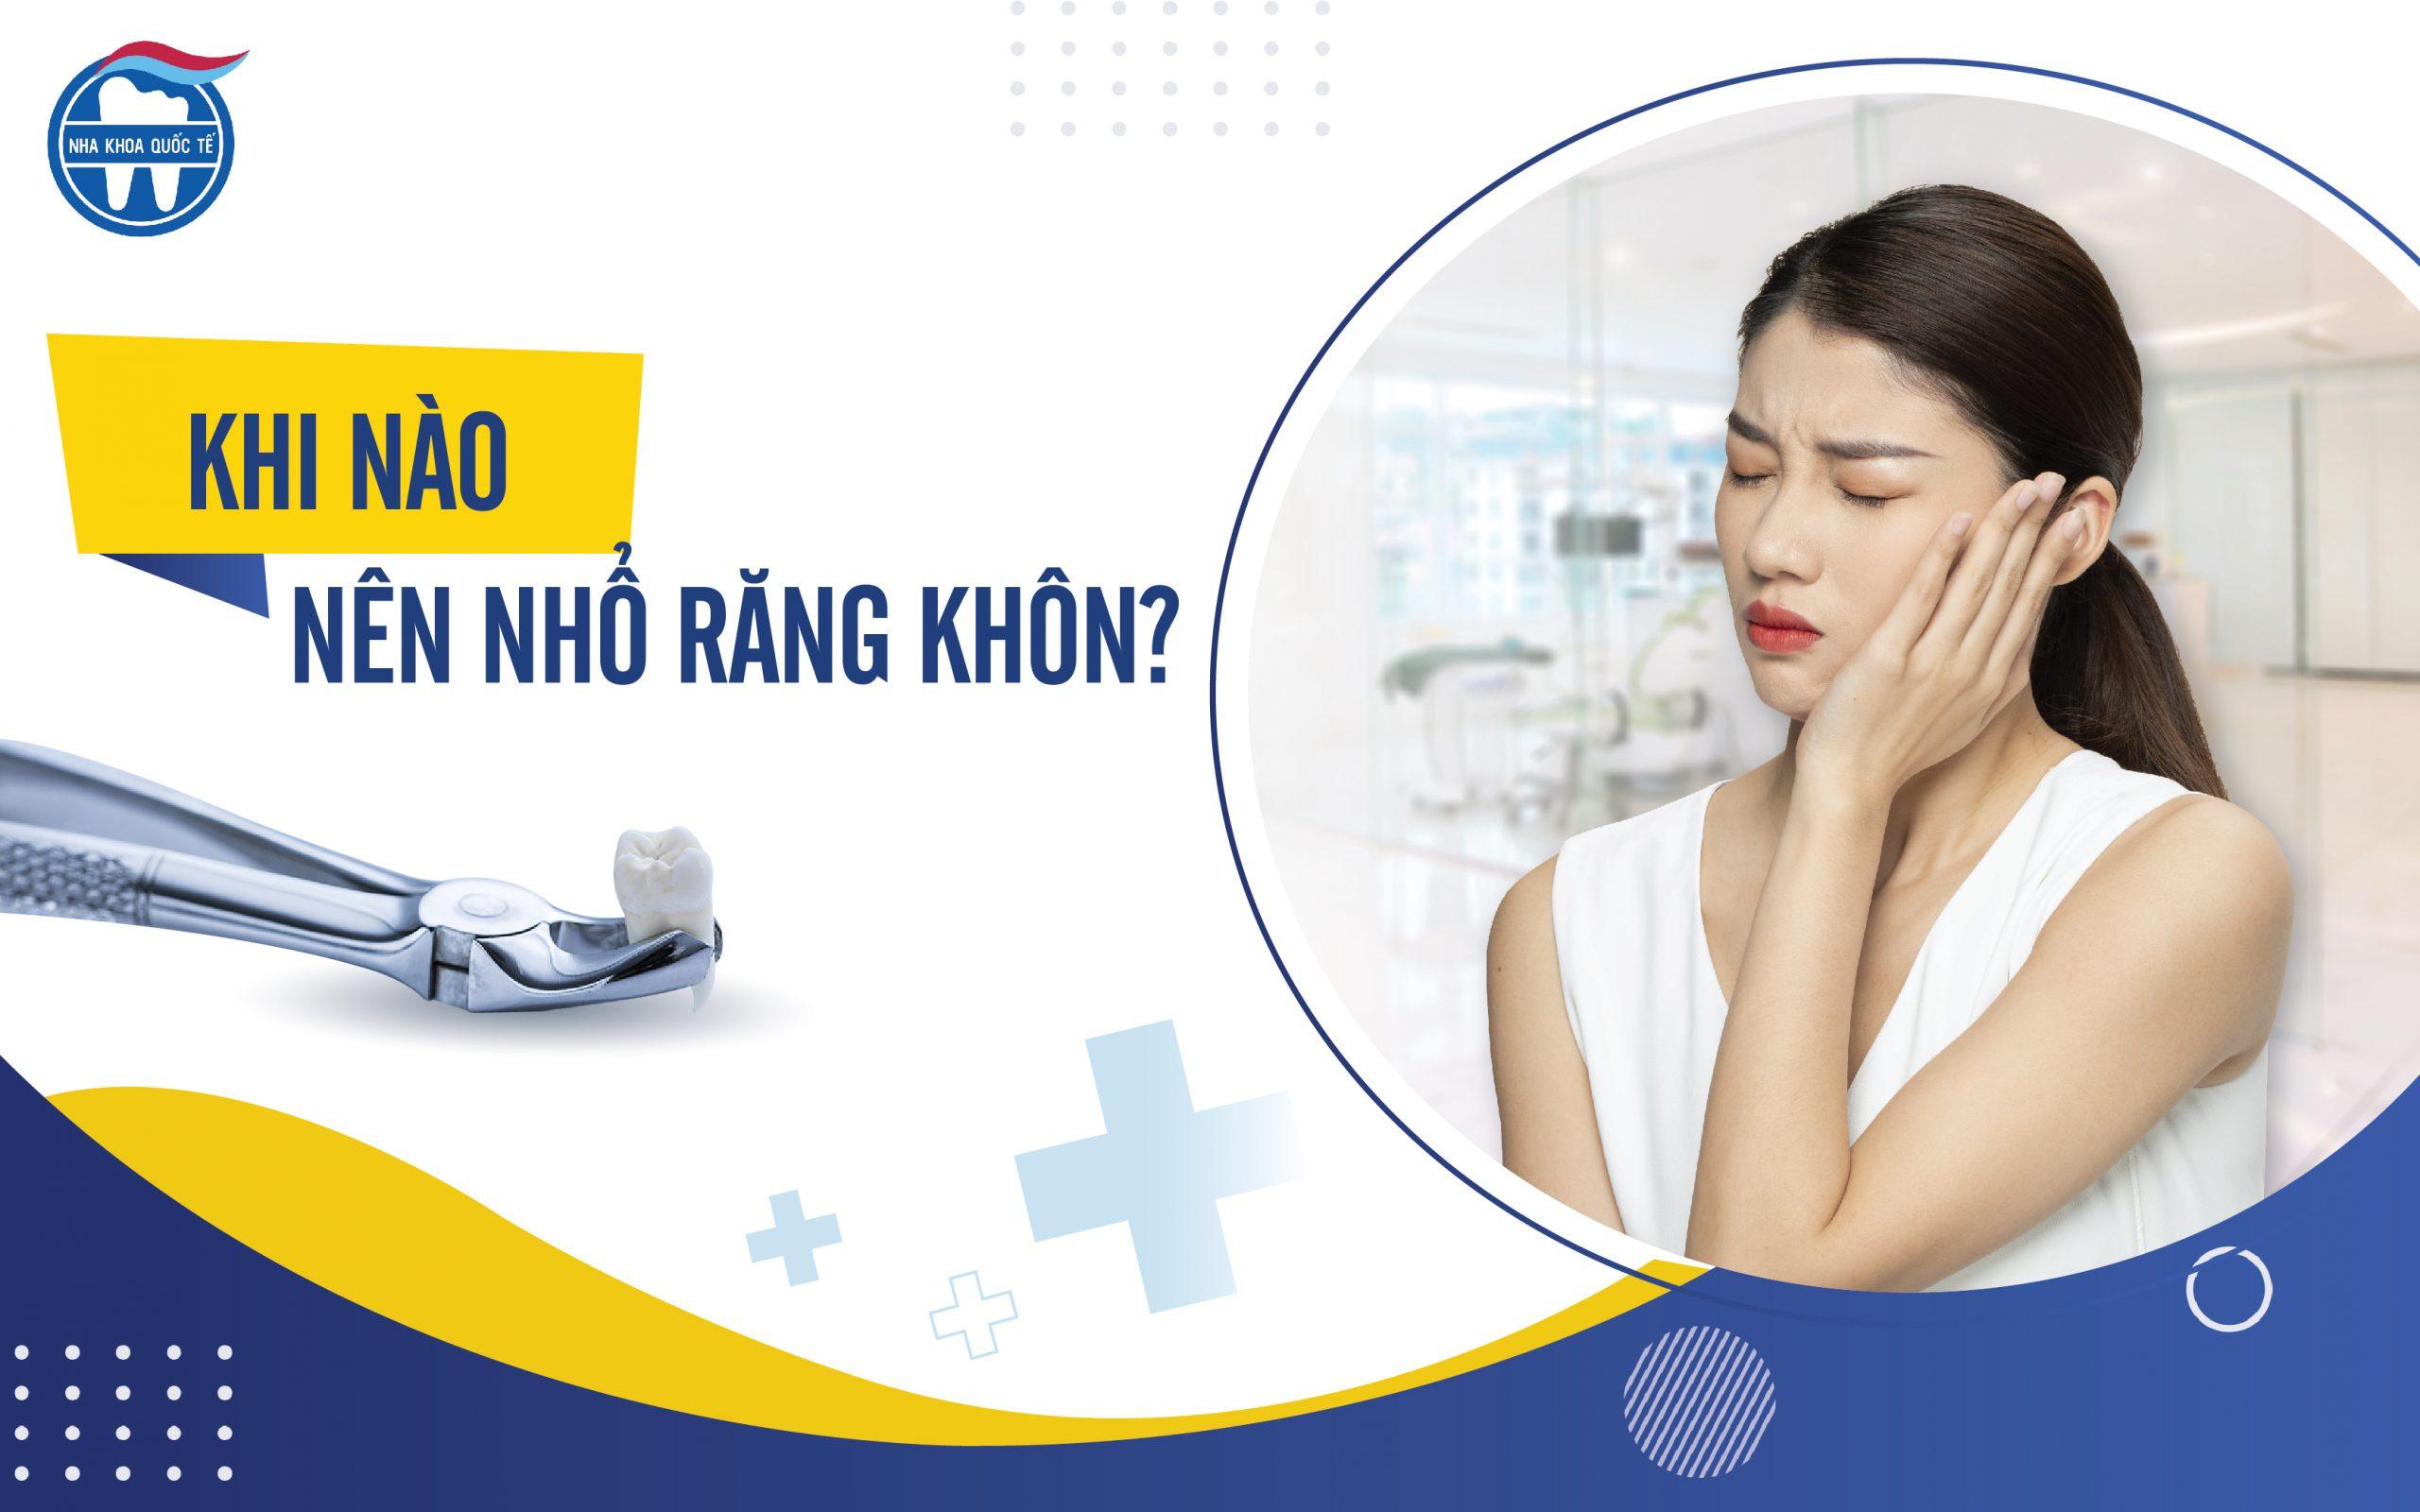 Răng khôn là gì? Khi nào nên nhổ răng khôn?